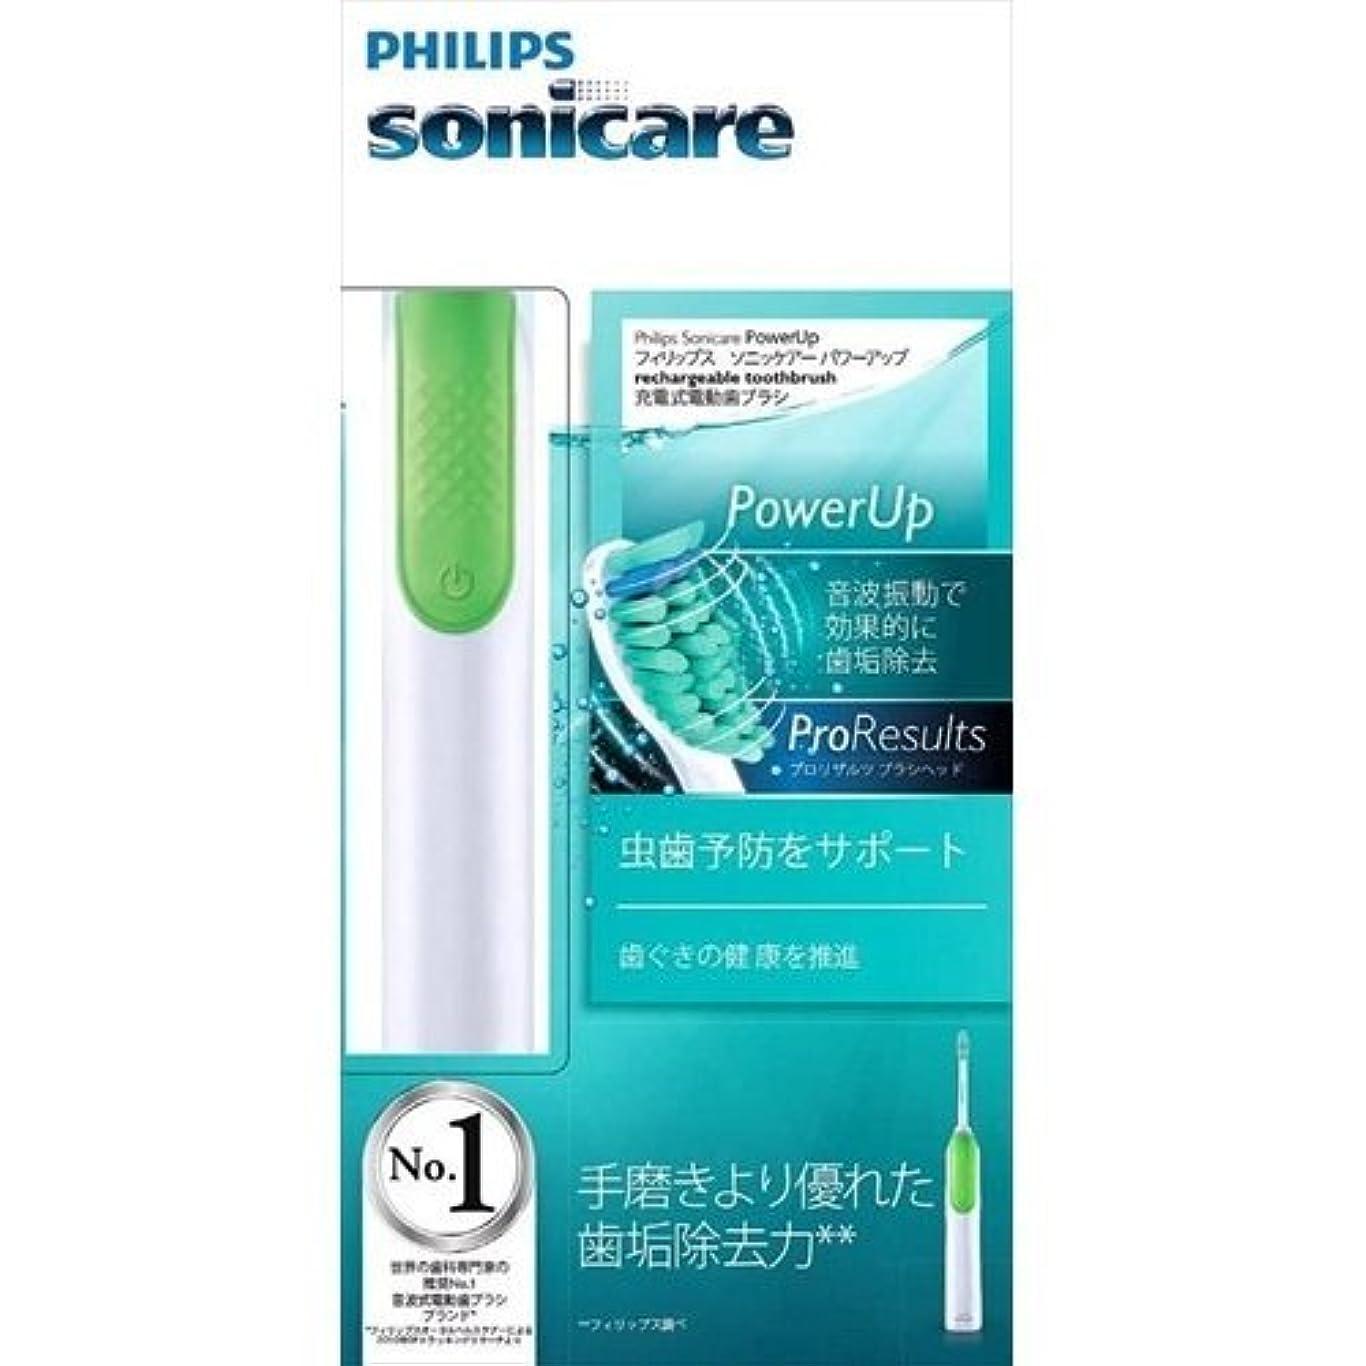 任命する大腿ハブPHILIPS Sonicare(ソニッケアー)パワーアップ音波式電動歯ブラシ HX3110